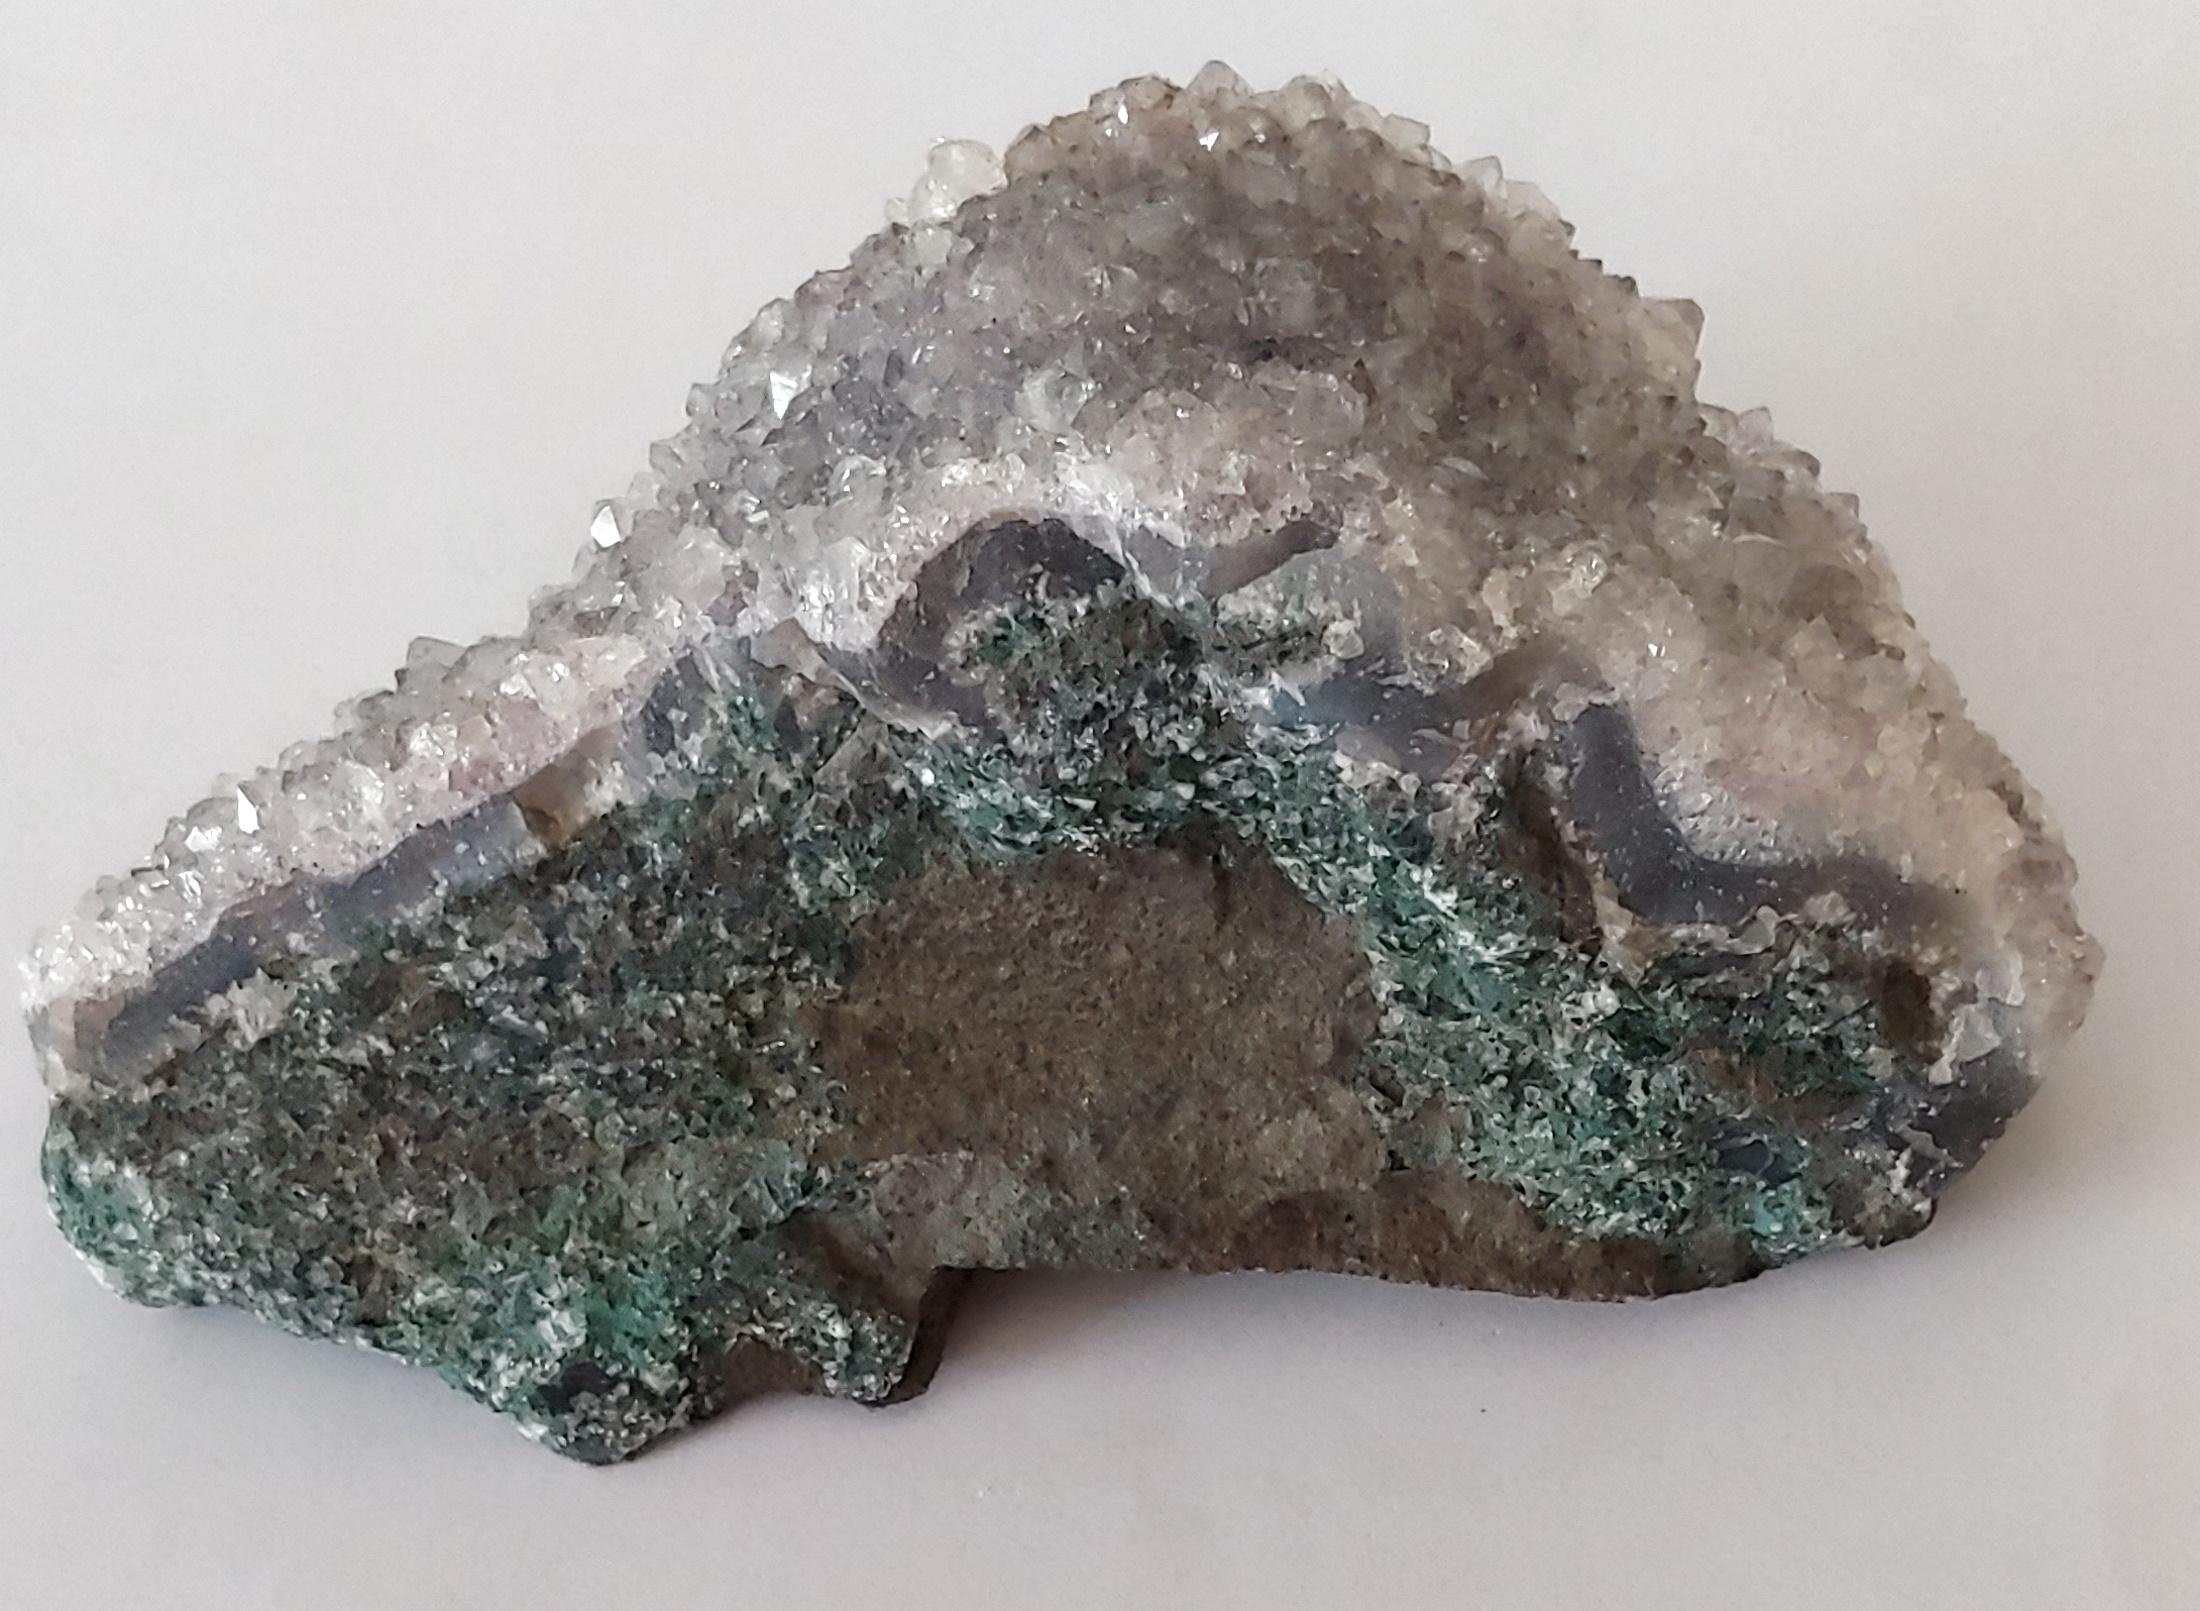 Crystals #6